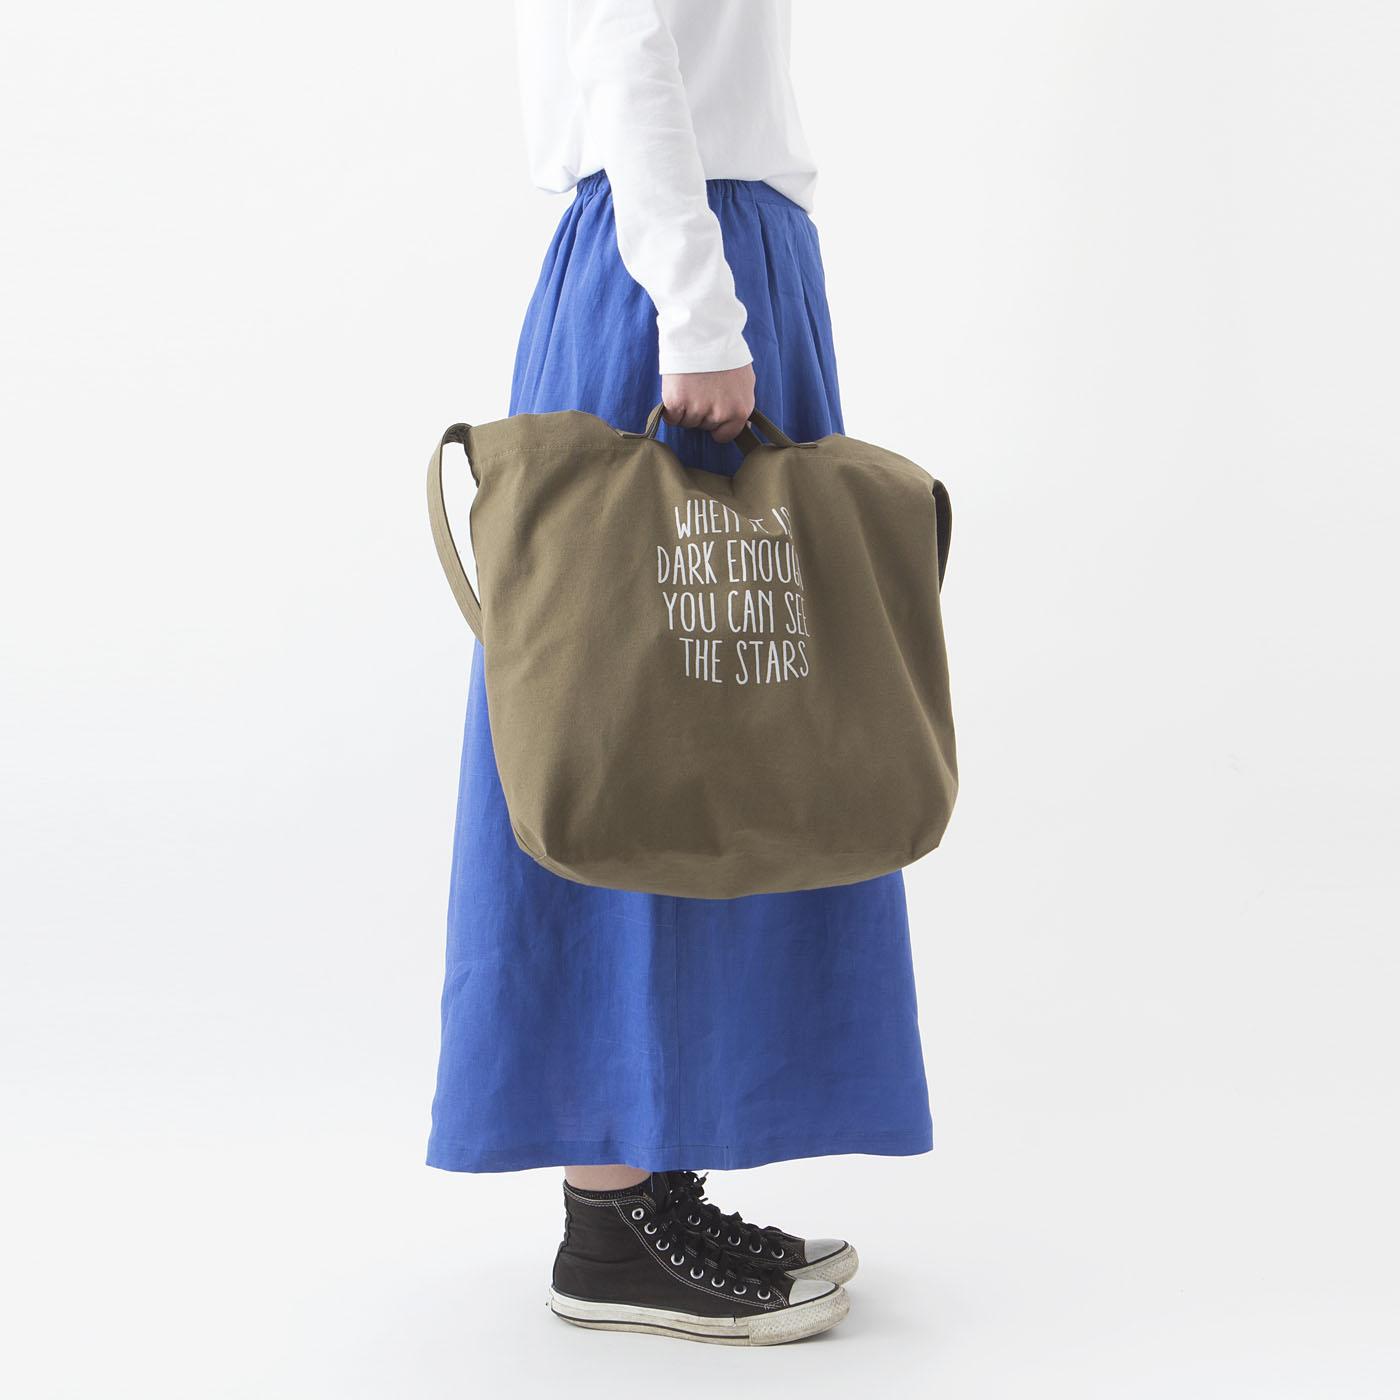 ハンドバッグにもなる持ち手付き。中身を取り出すときも便利。